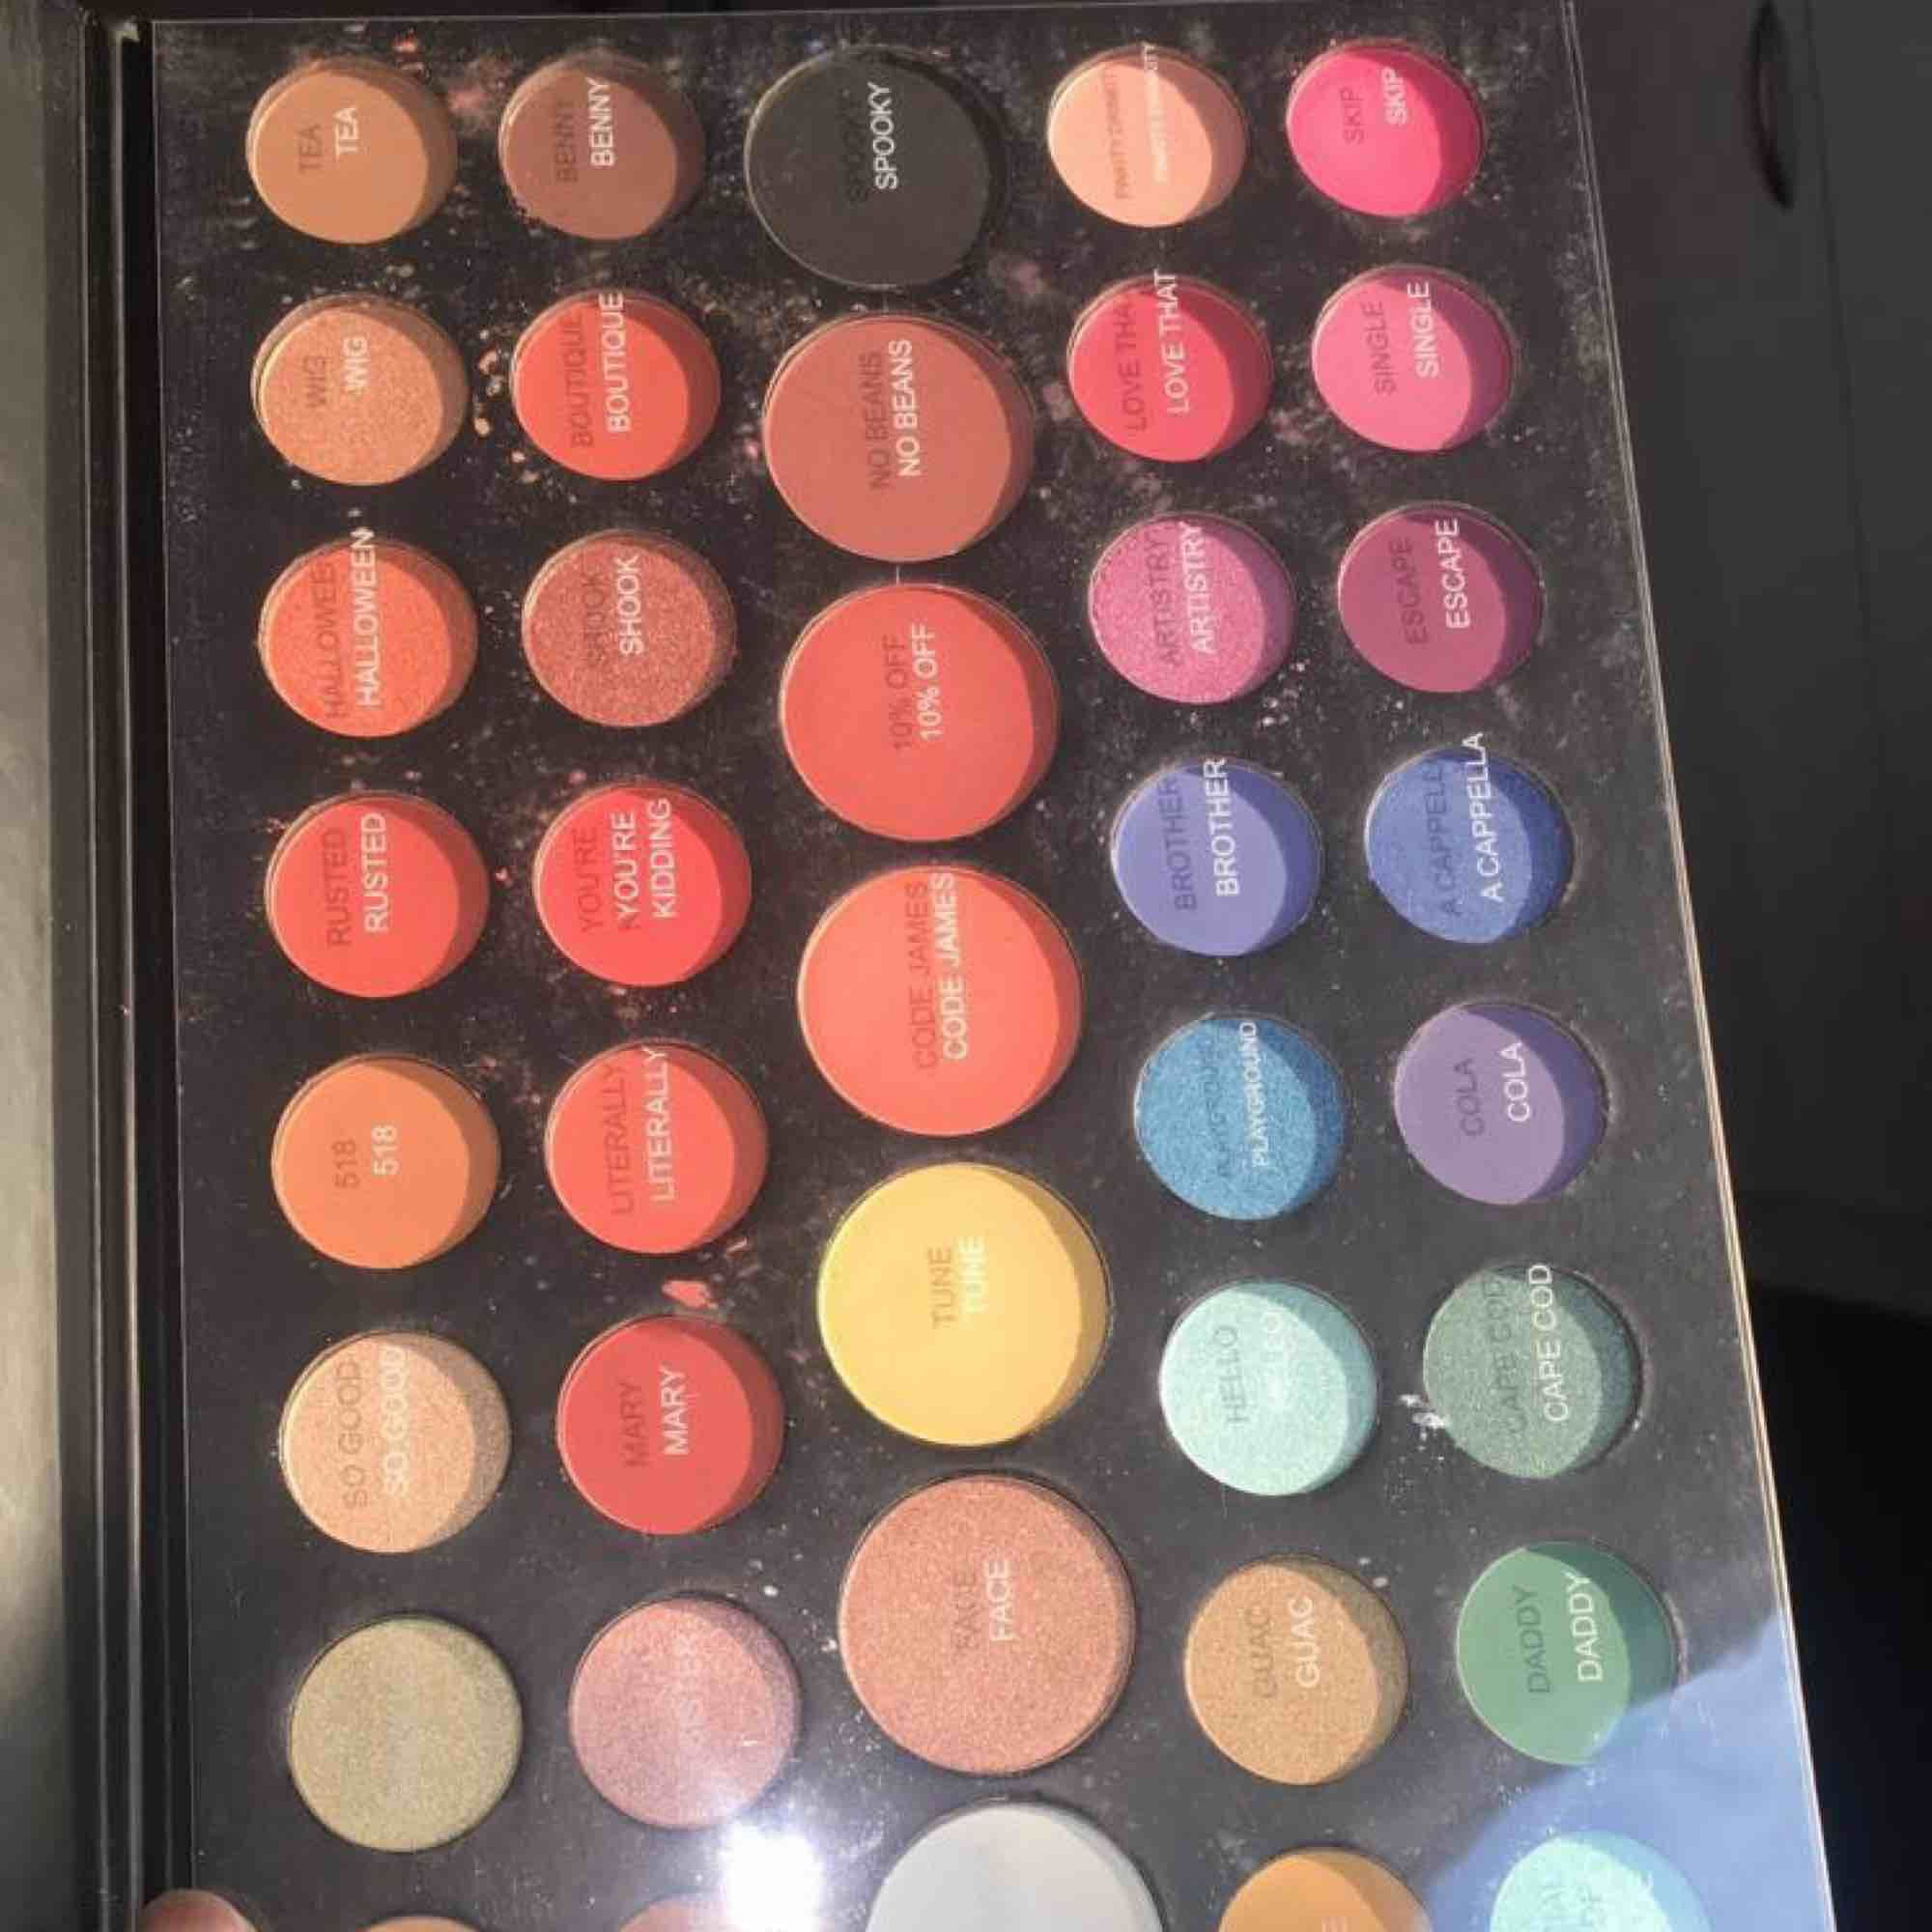 Säljer min morphe eye shadow palett på grund av jag har två stycken och använder inte den ändra. Helt ny och pigment.. Accessoarer.